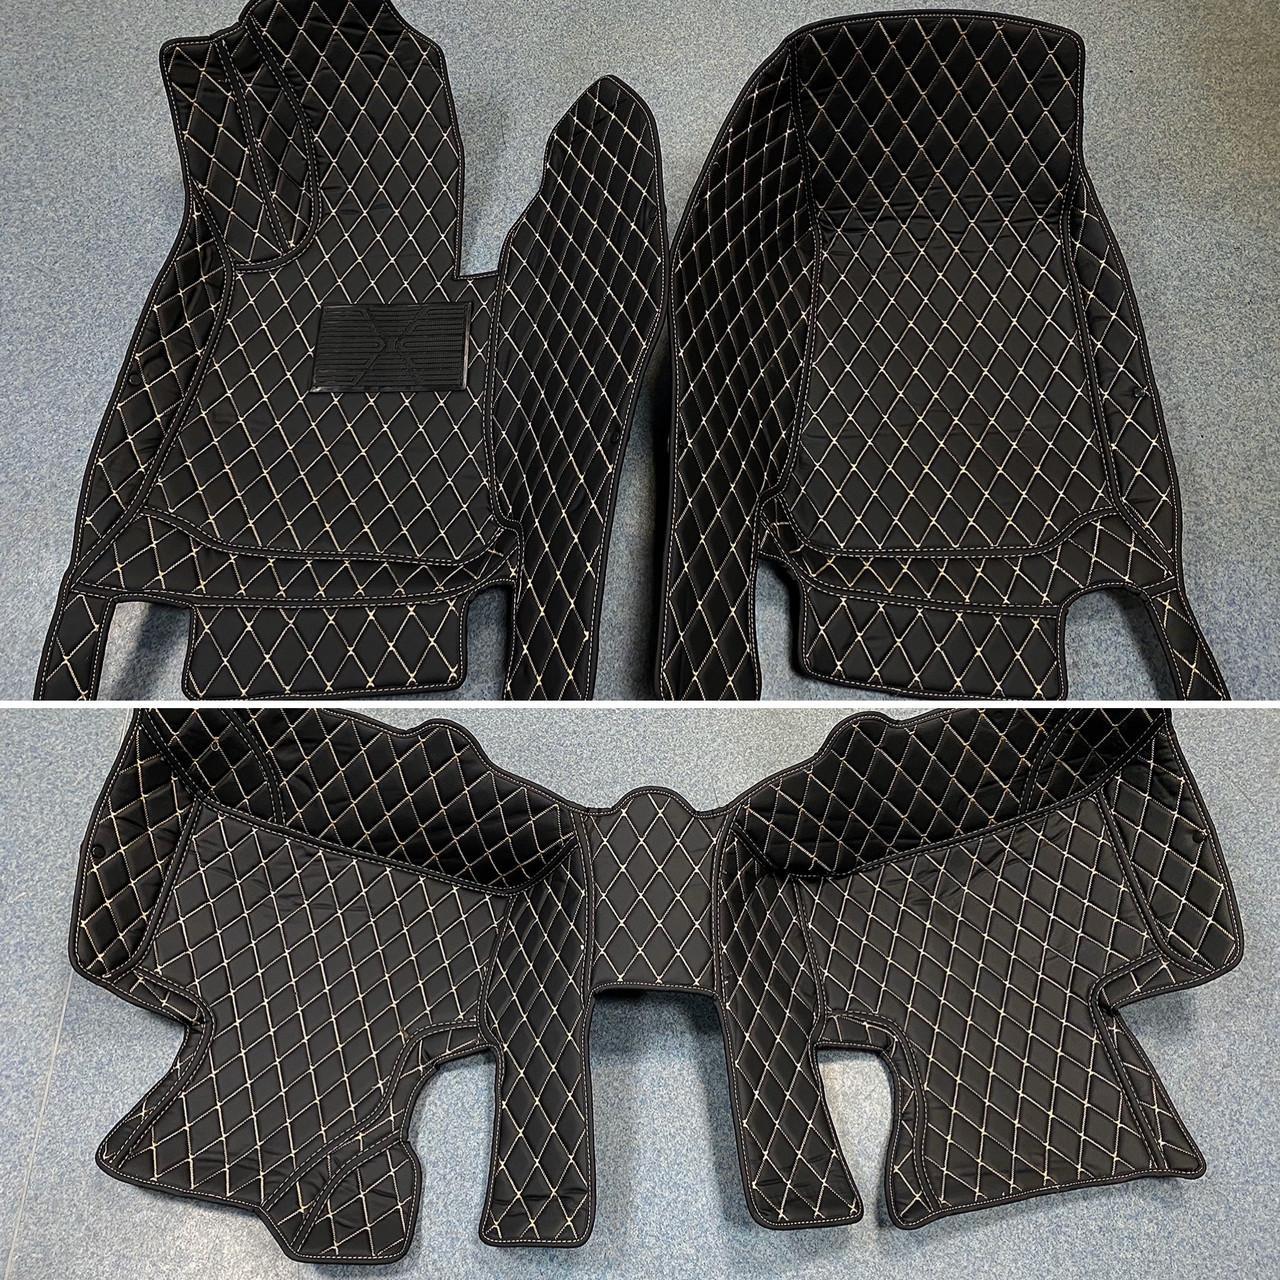 Комплект ковриков из экокожи для Mercedes GLC, от 2016 года